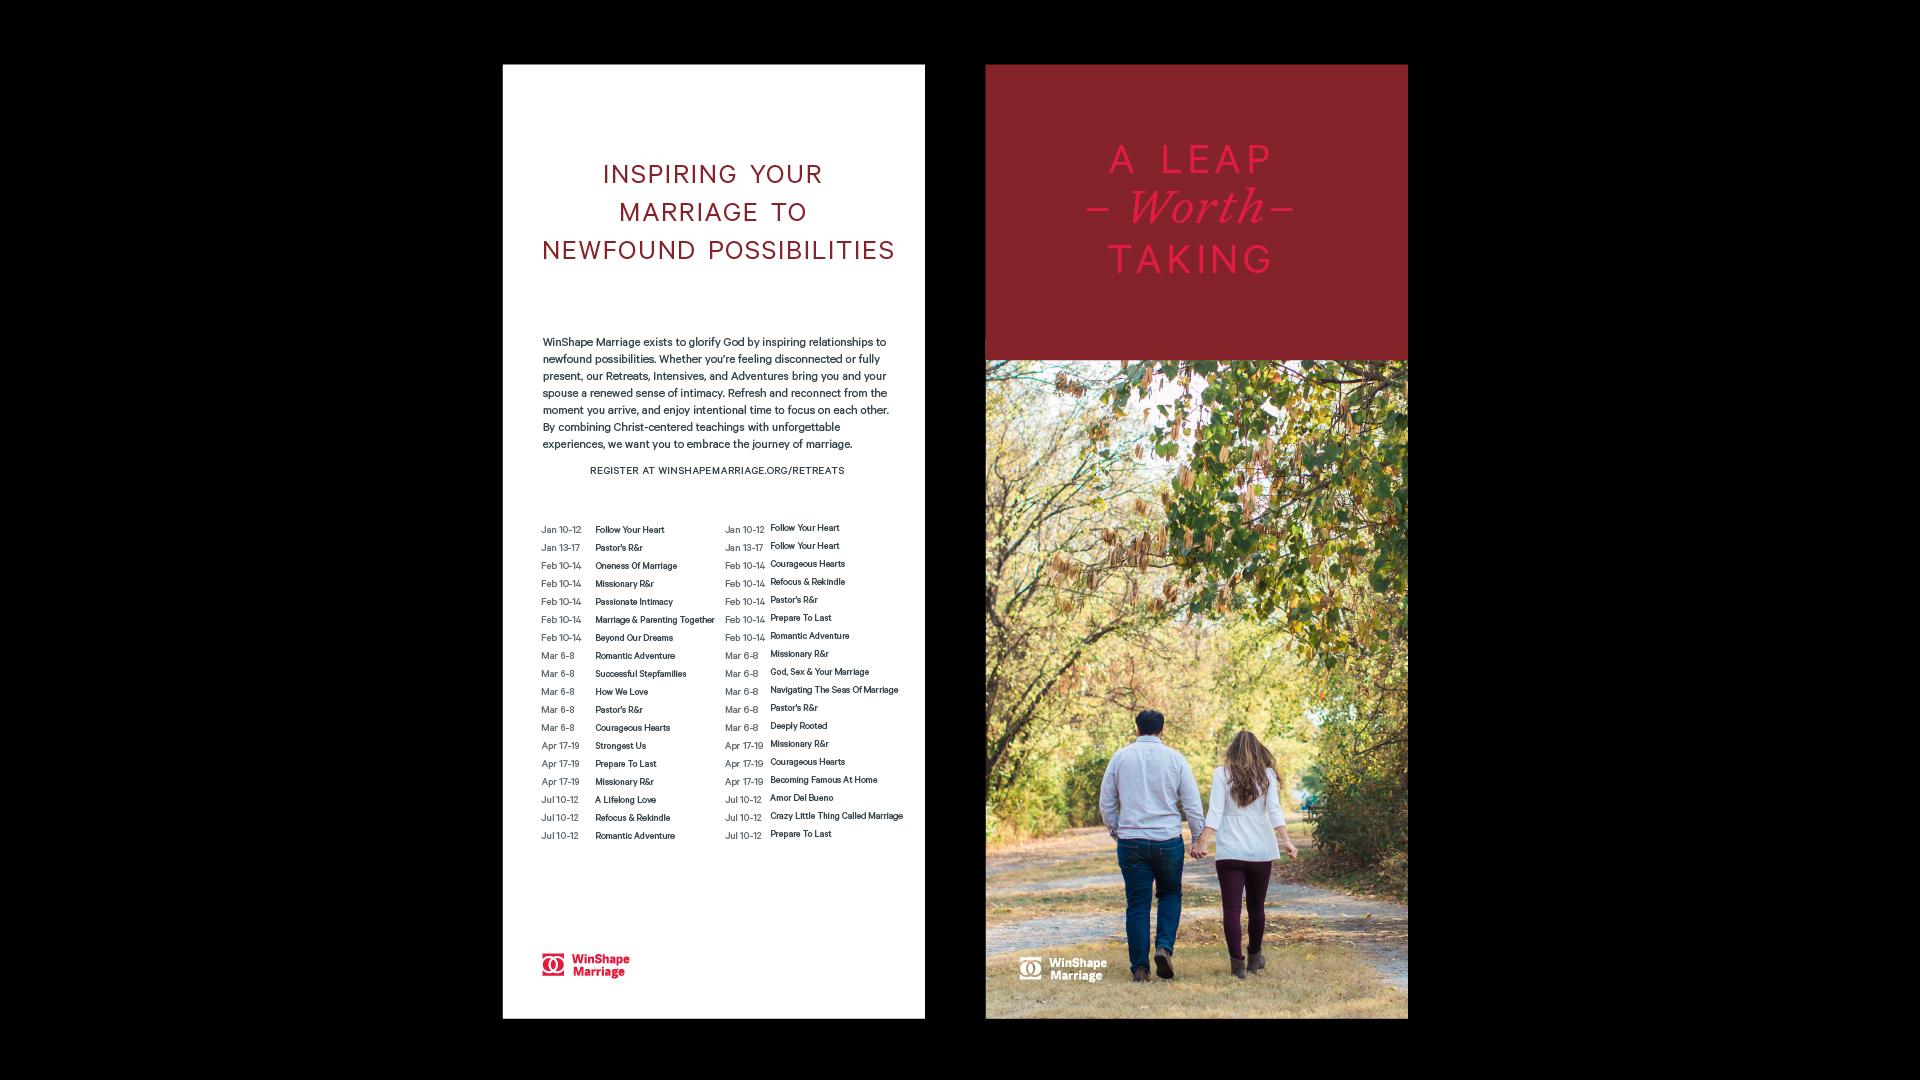 marriage_artboard-19-copy-1372x-100